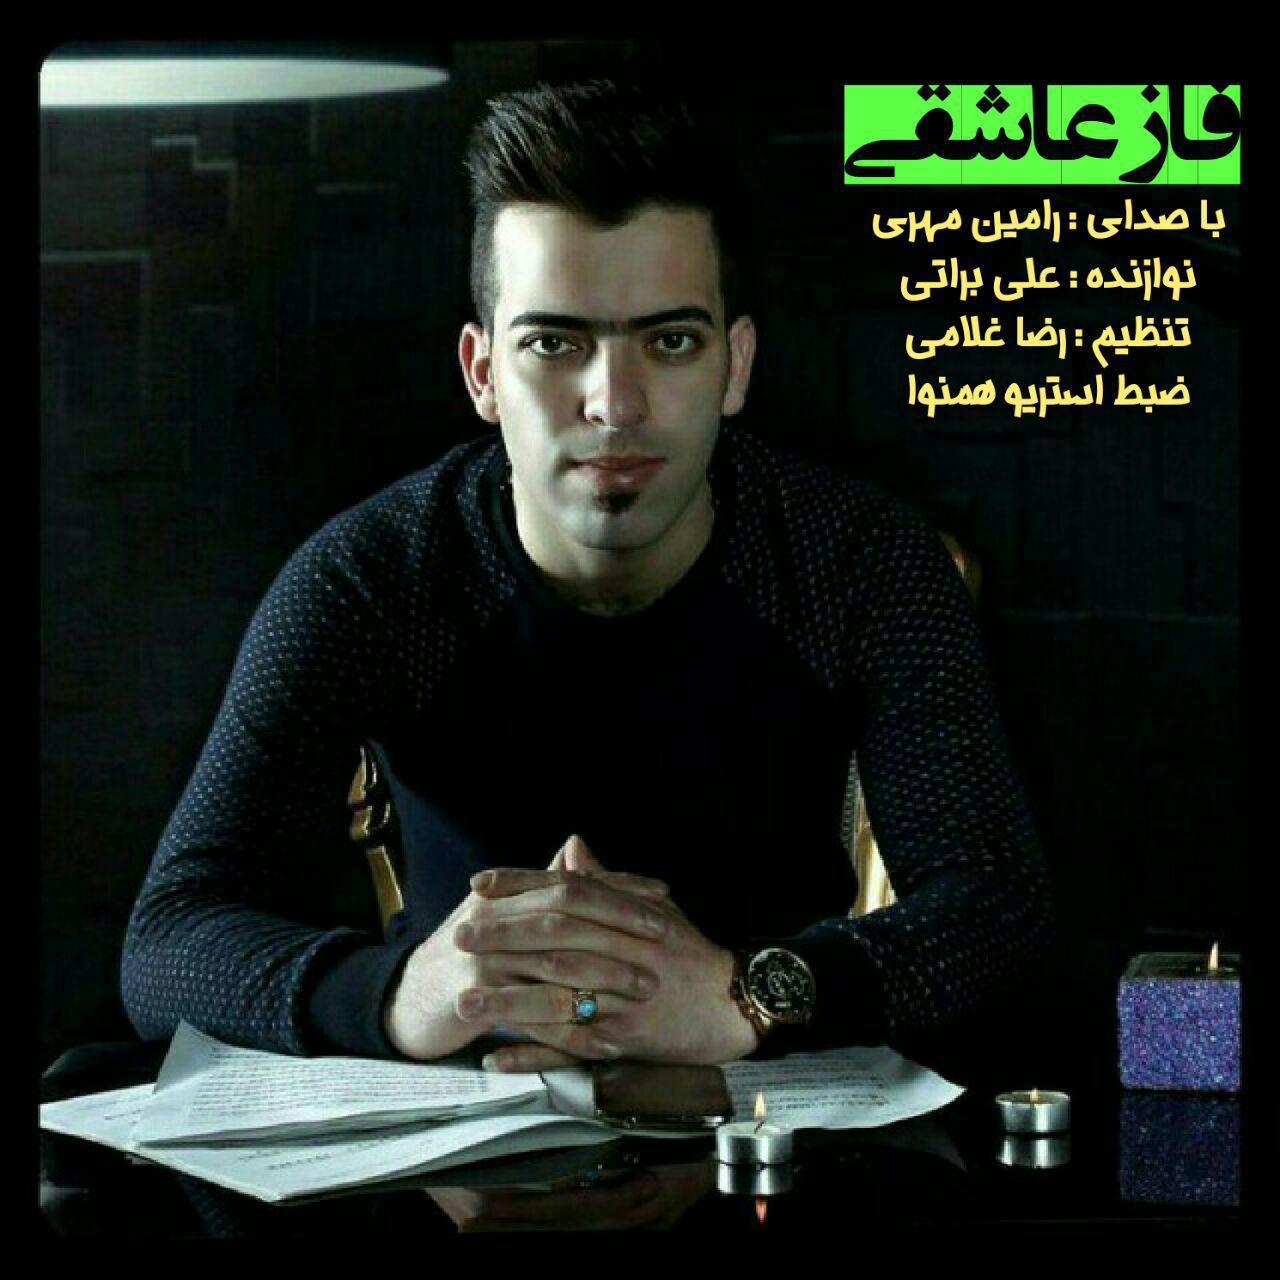 دانلود آهنگ جدید فاز عاشقی با صدای رامین مهری